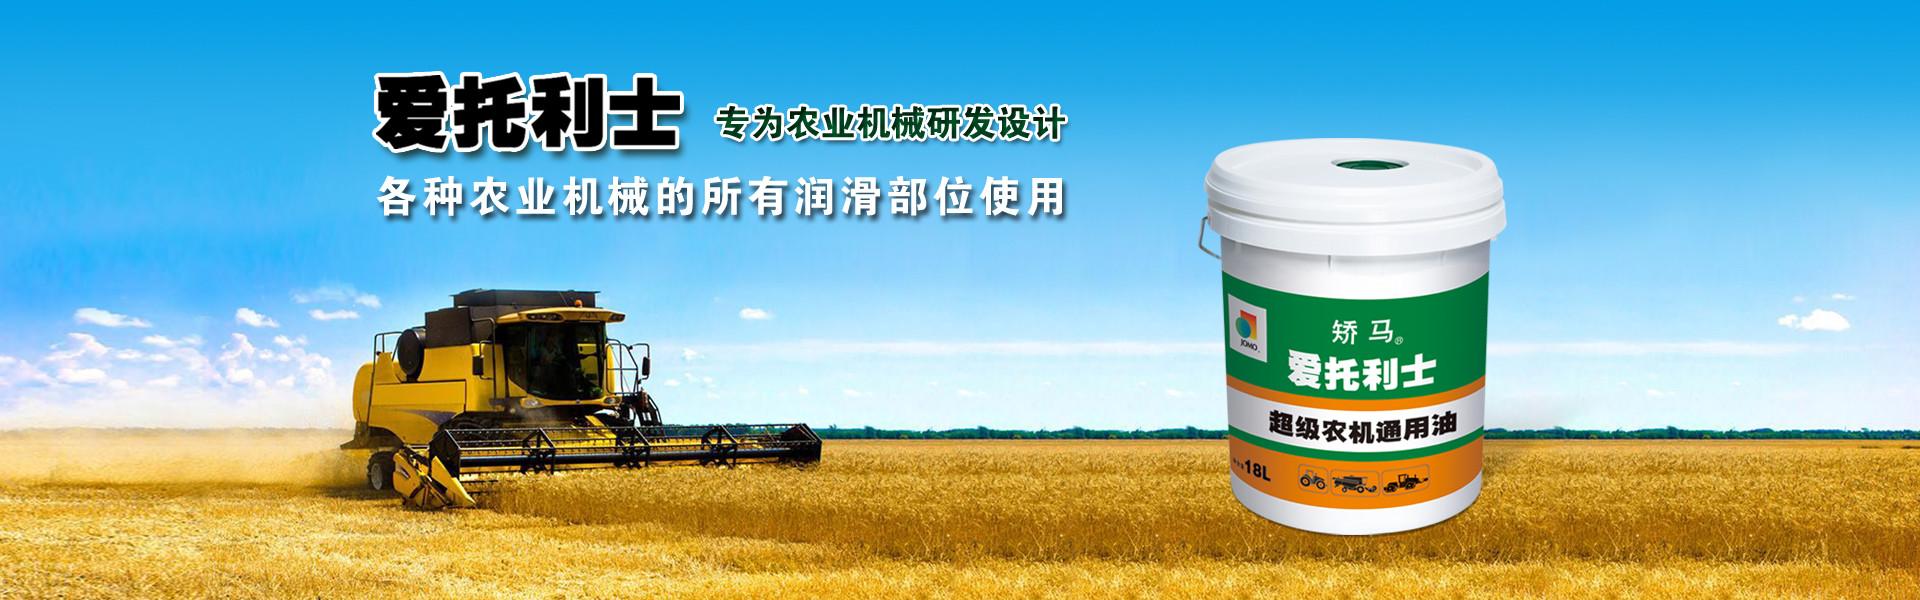 超級農機通用油